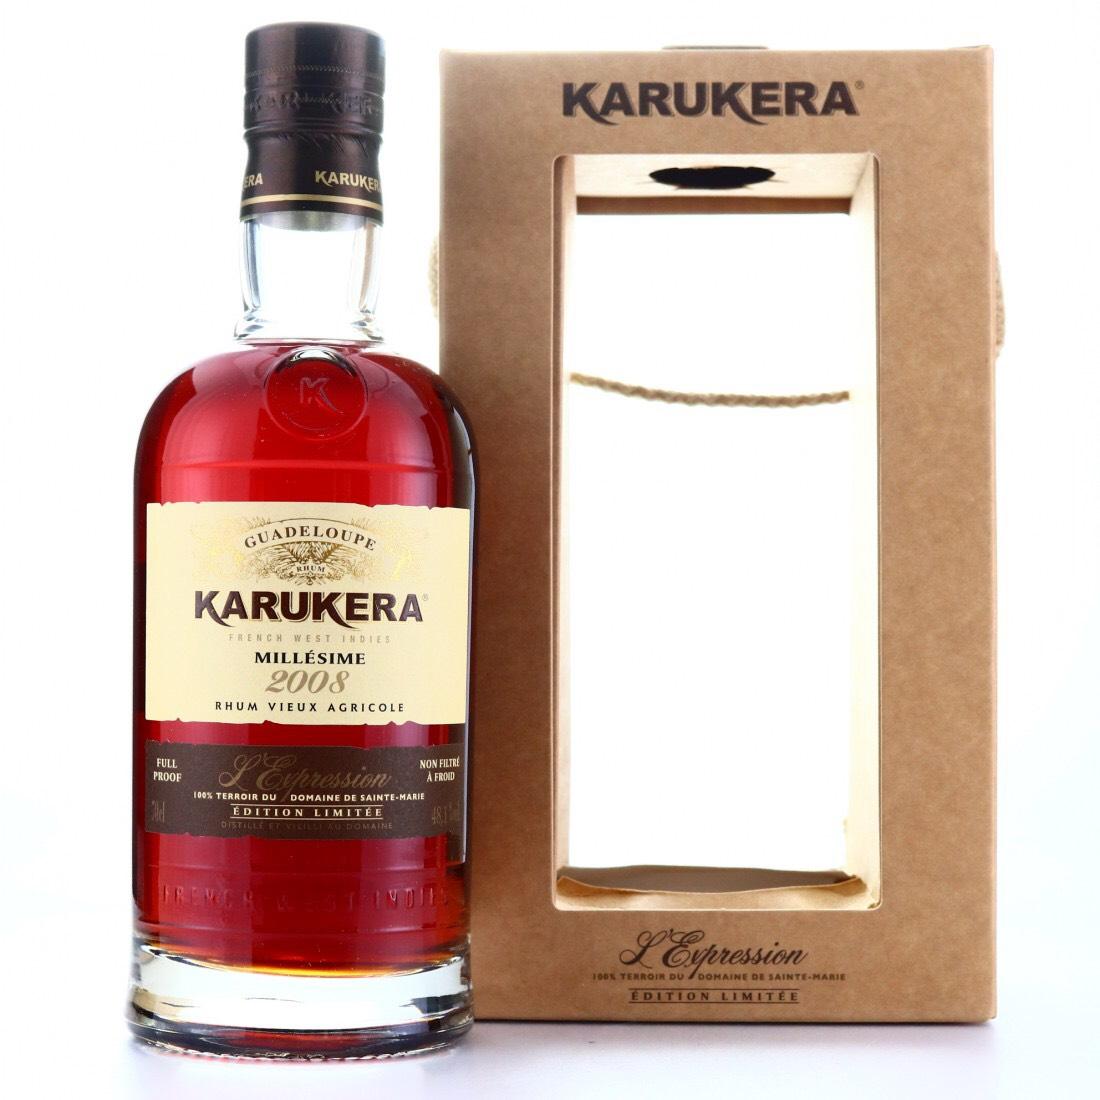 Bottle image of Karukera L'Expression